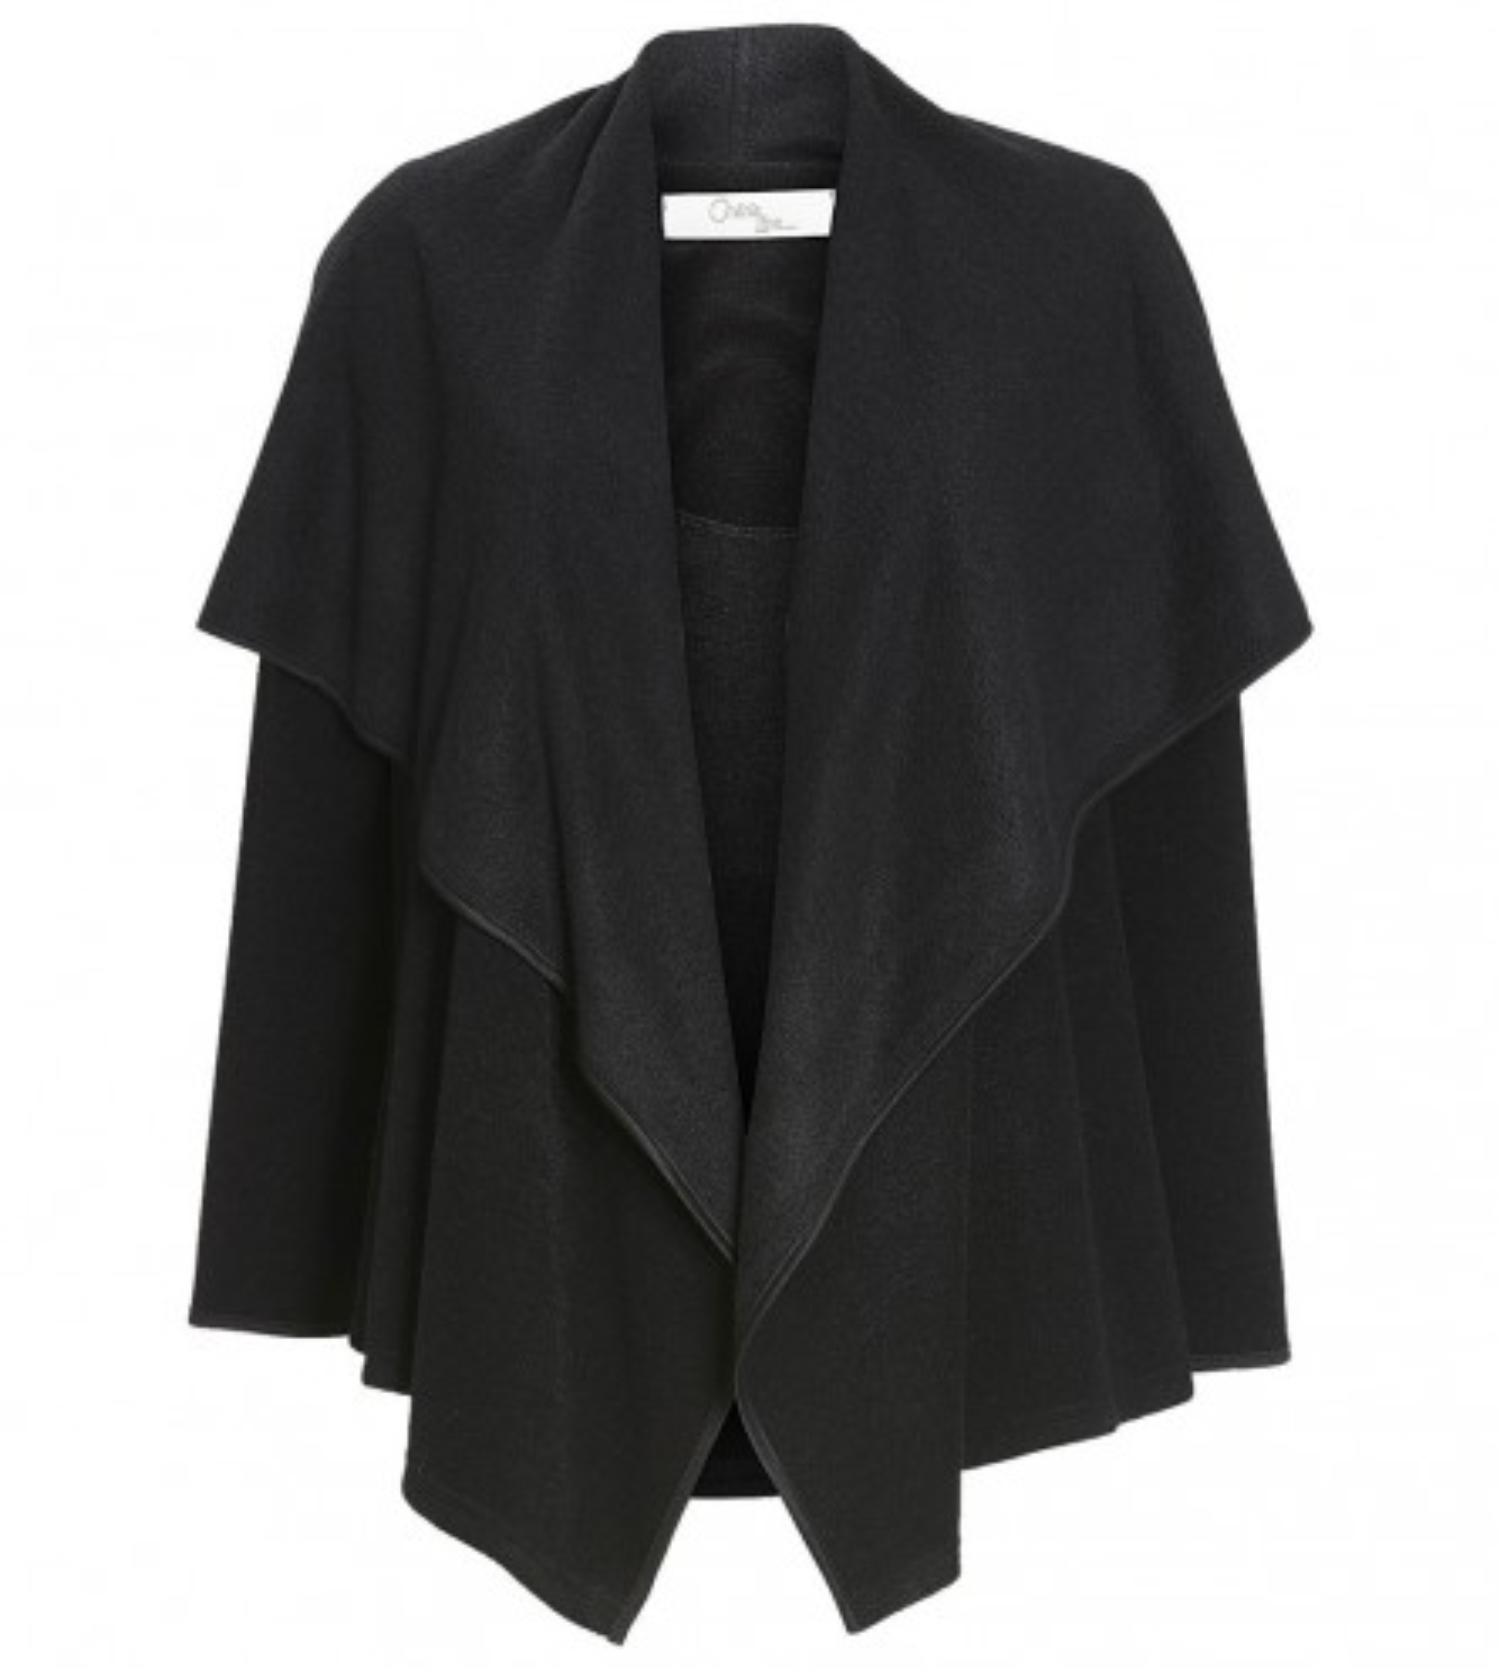 Veste d 39 int rieur forme cape noir lingerie sipp for Veste noir interieur ecossais